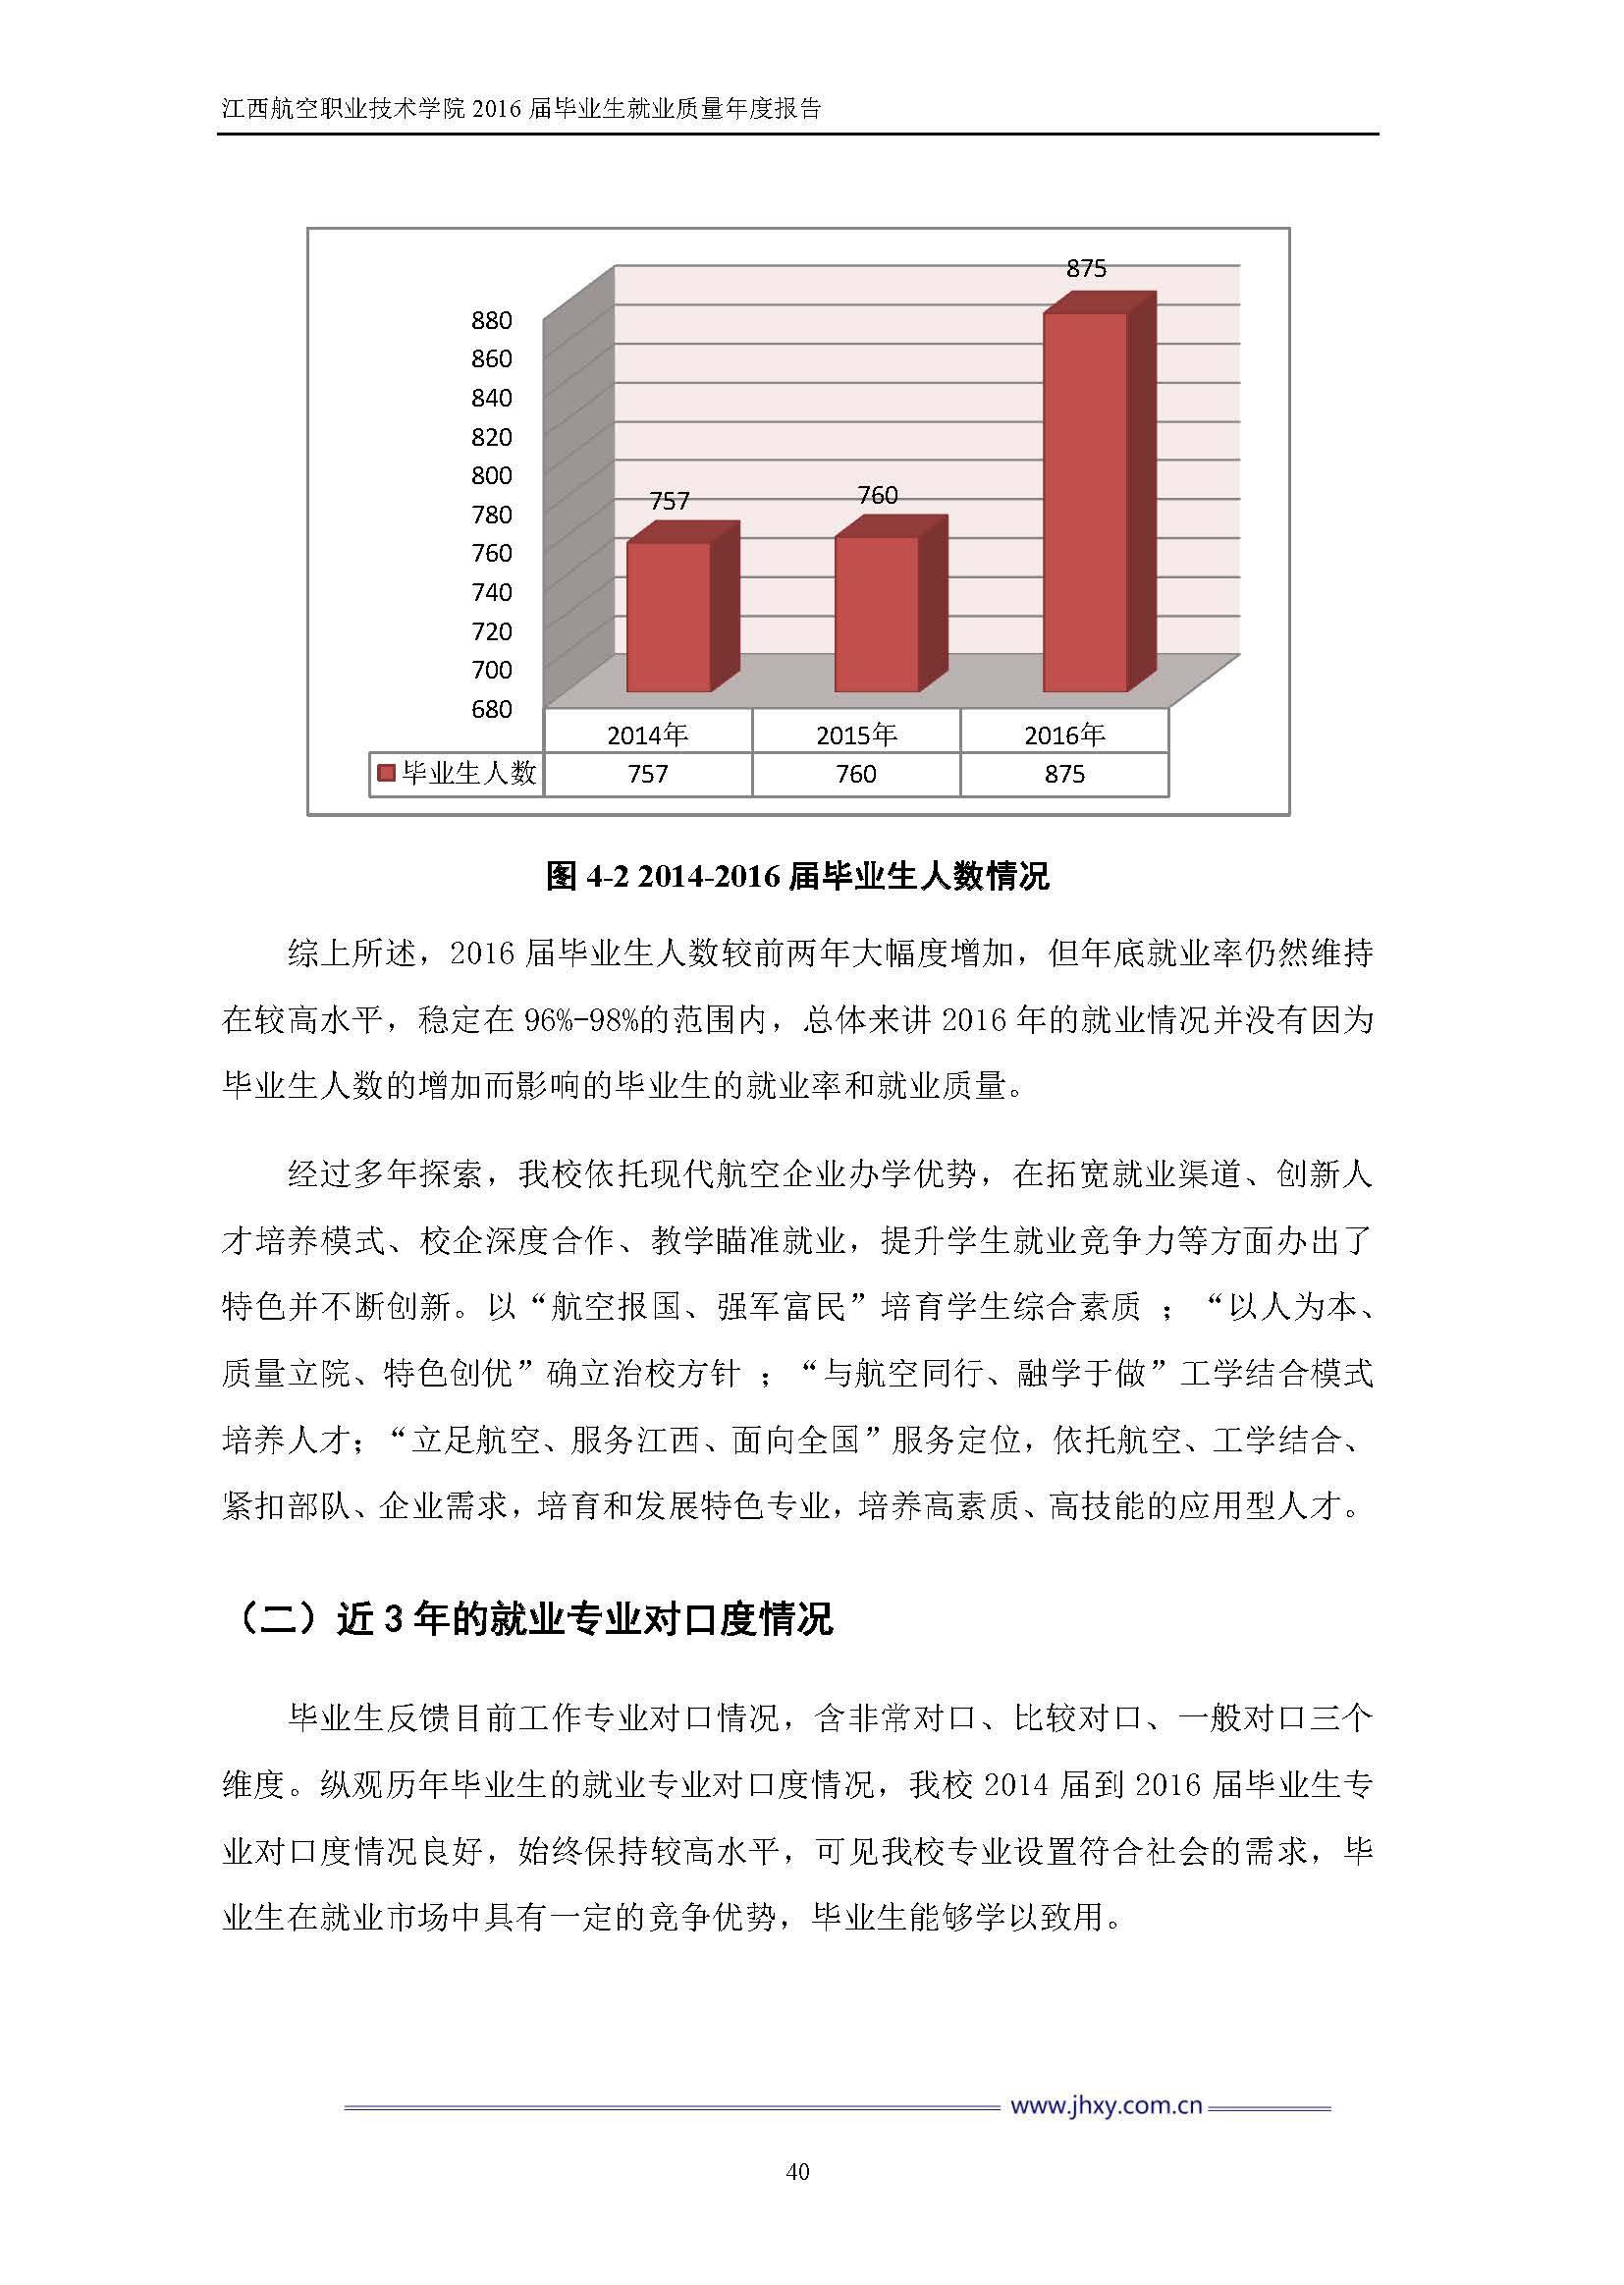 江西航空职业技术学院2016届毕业生就业质量年度报告_Page_47.jpg